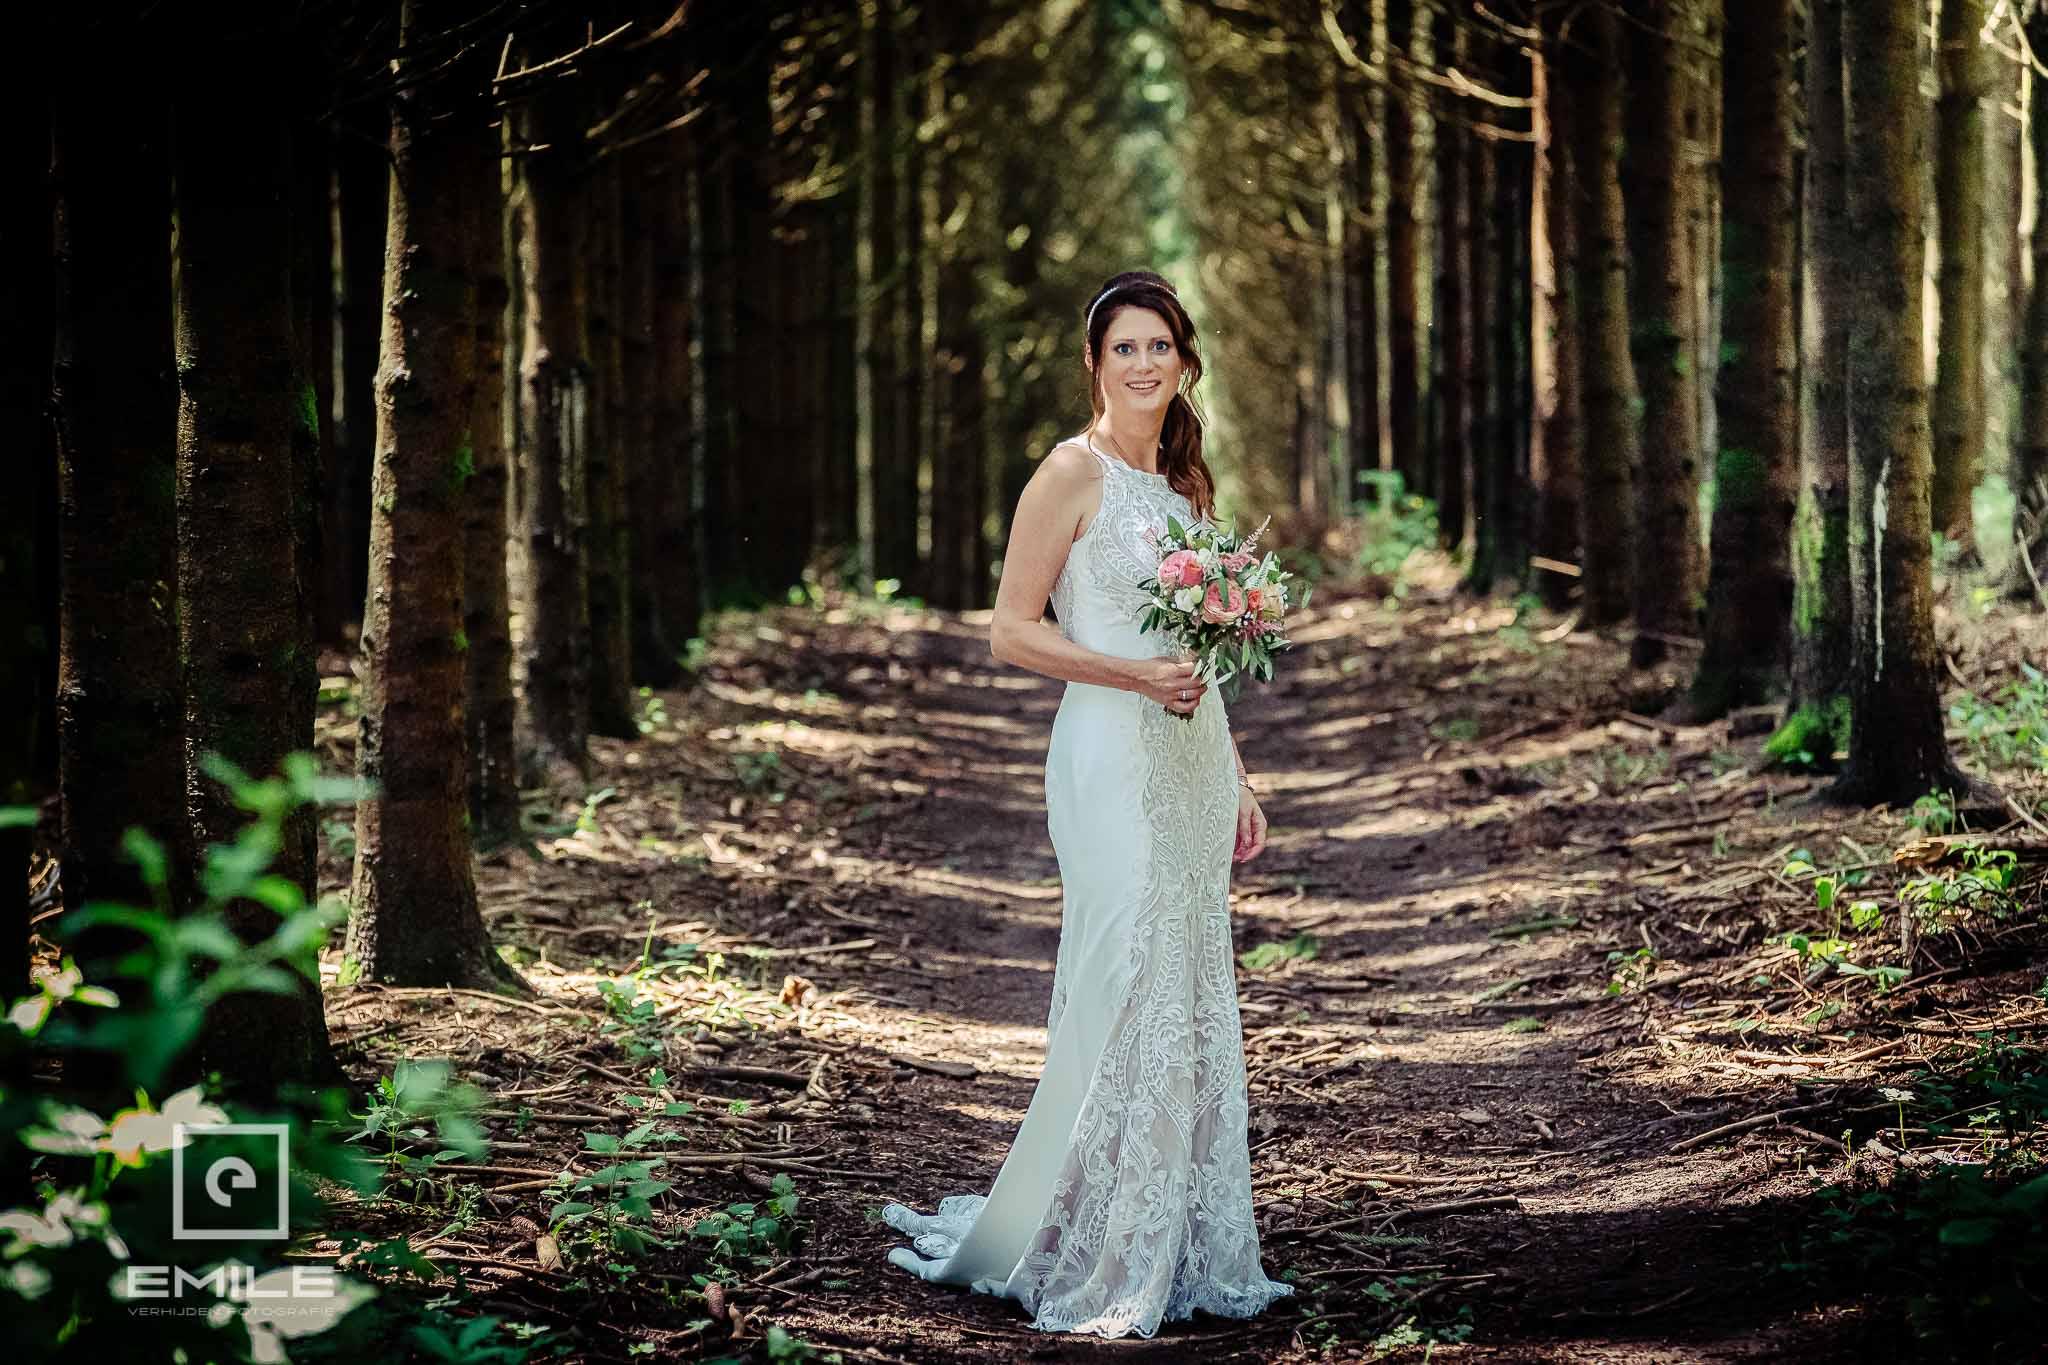 In het bos van het Belgische Redu bruid vastgelegd tussen bomen